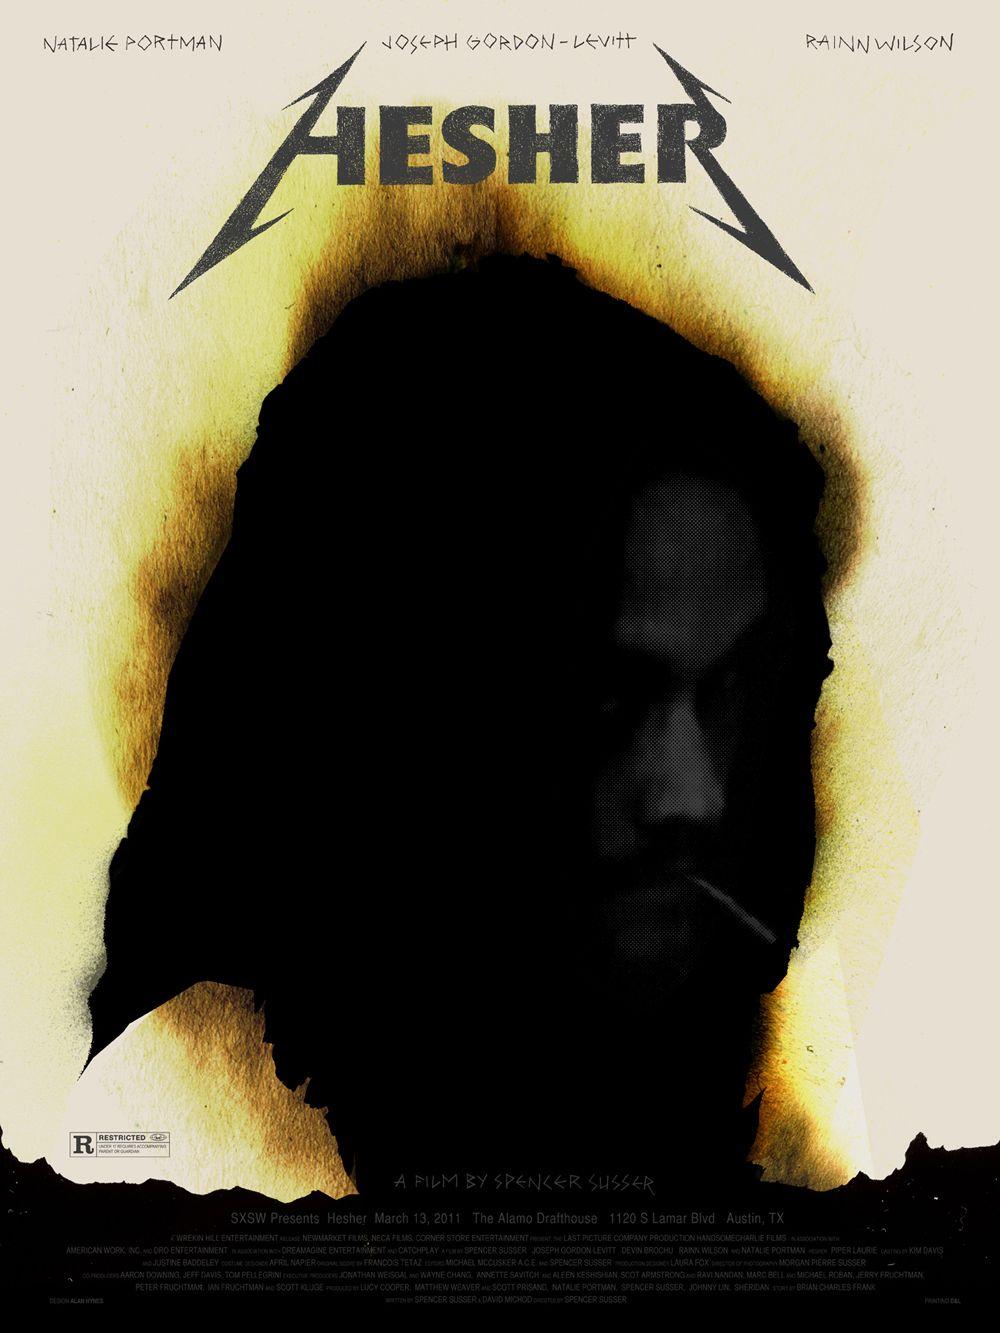 плакат фильма тизер Хэшер*